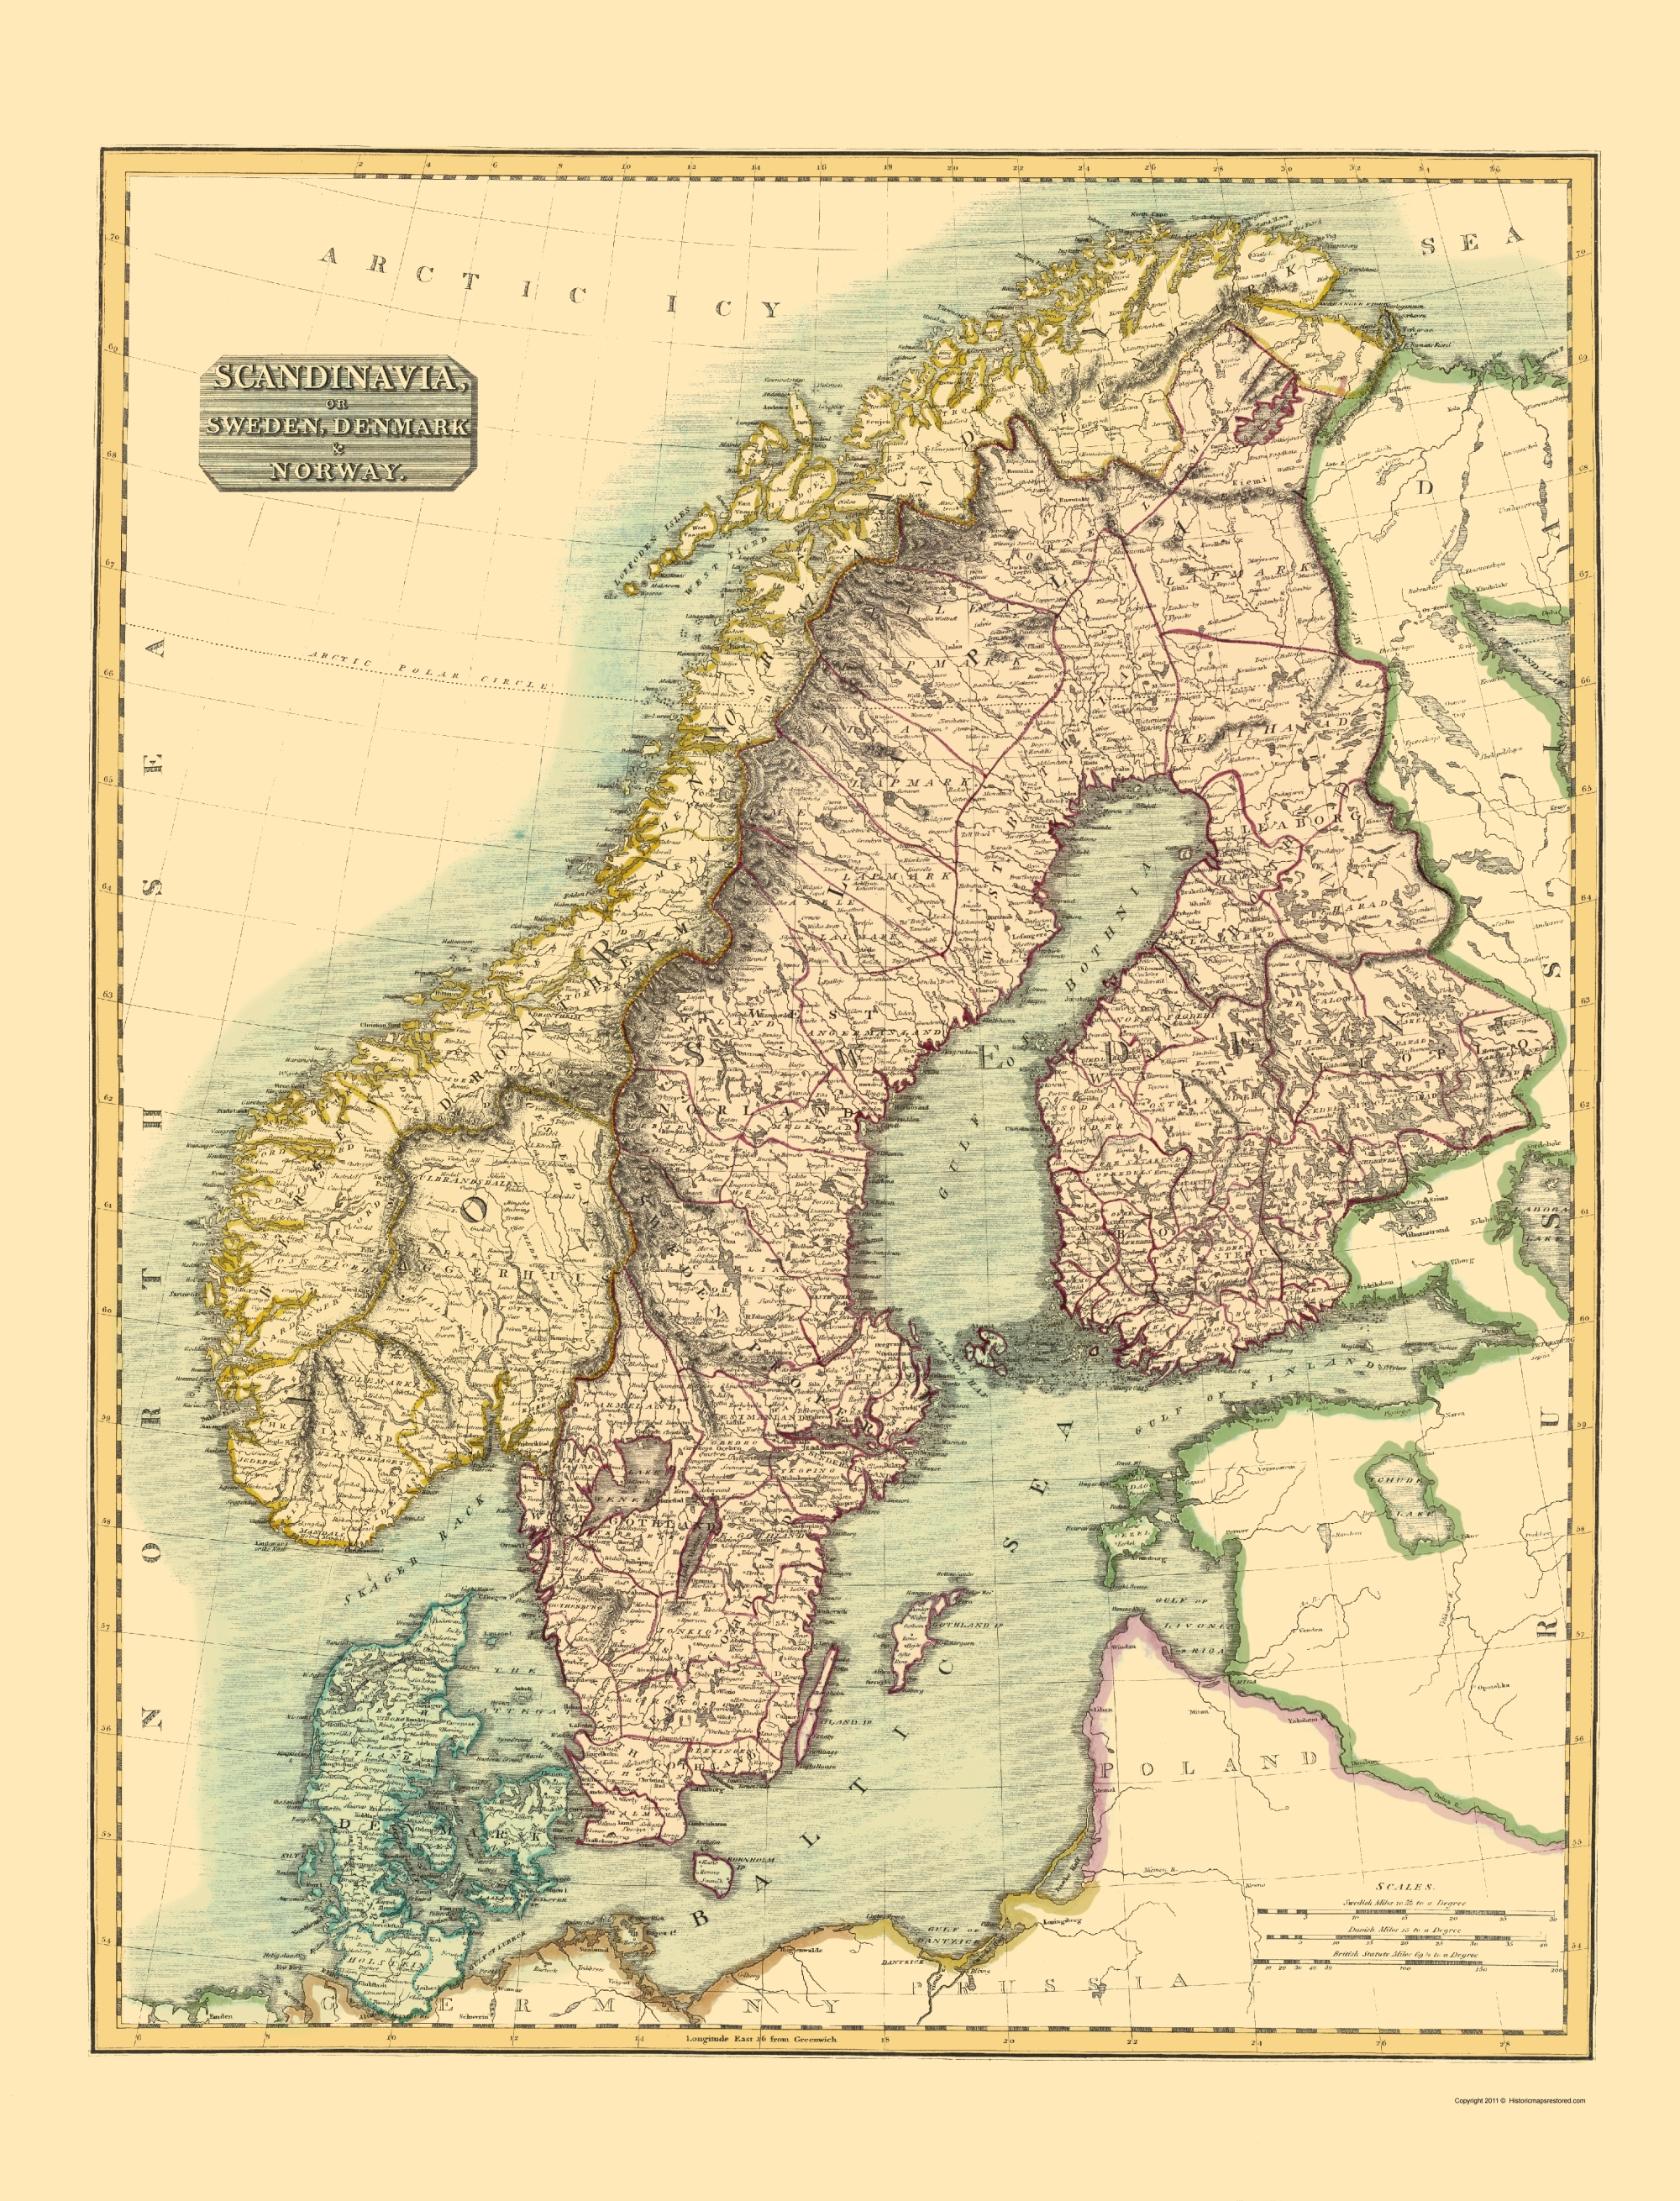 Old Map - Scandinavia or Sweden, Denmark, Norway 1814